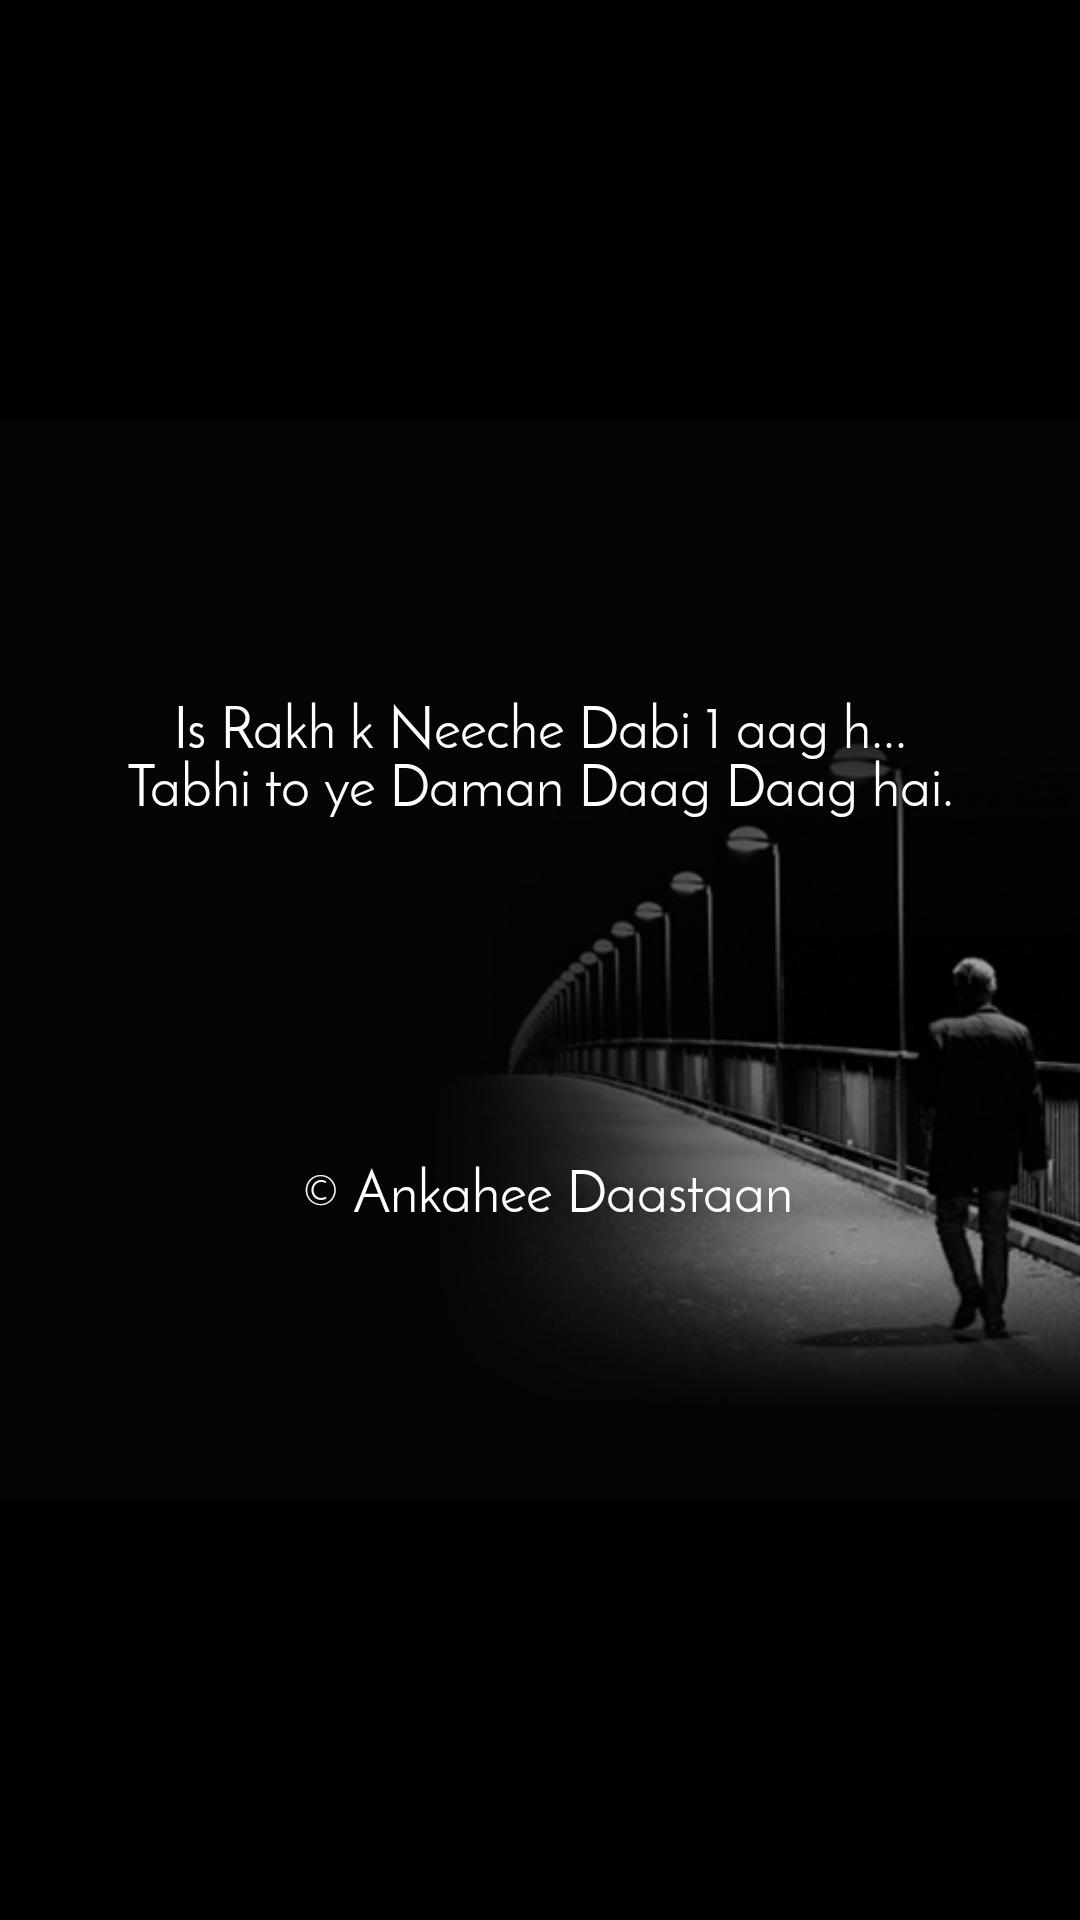 Is Rakh k Neeche Dabi 1 aag h... Tabhi to ye Daman Daag Daag hai.                                        © Ankahee Daastaan